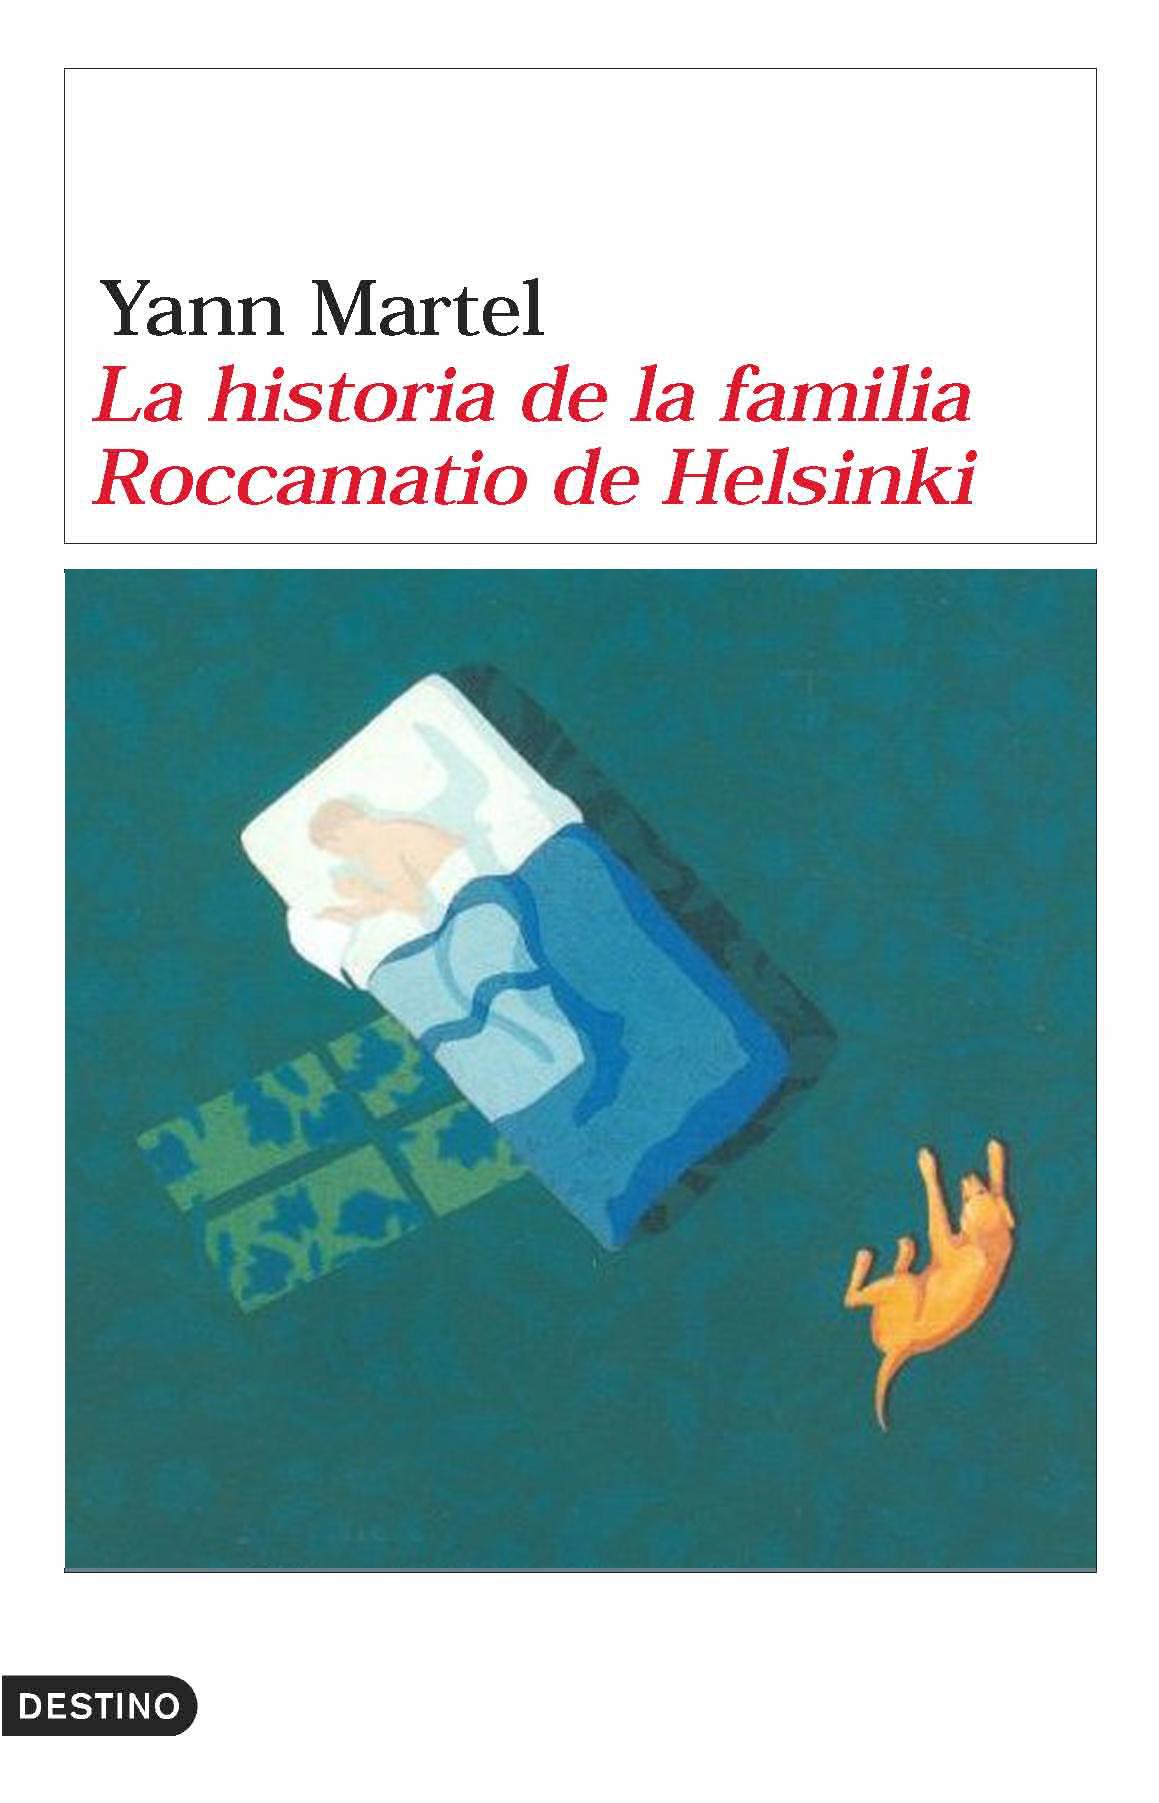 La Historia De La Familia Roccamatio De Helsinki por Yann Martel Gratis